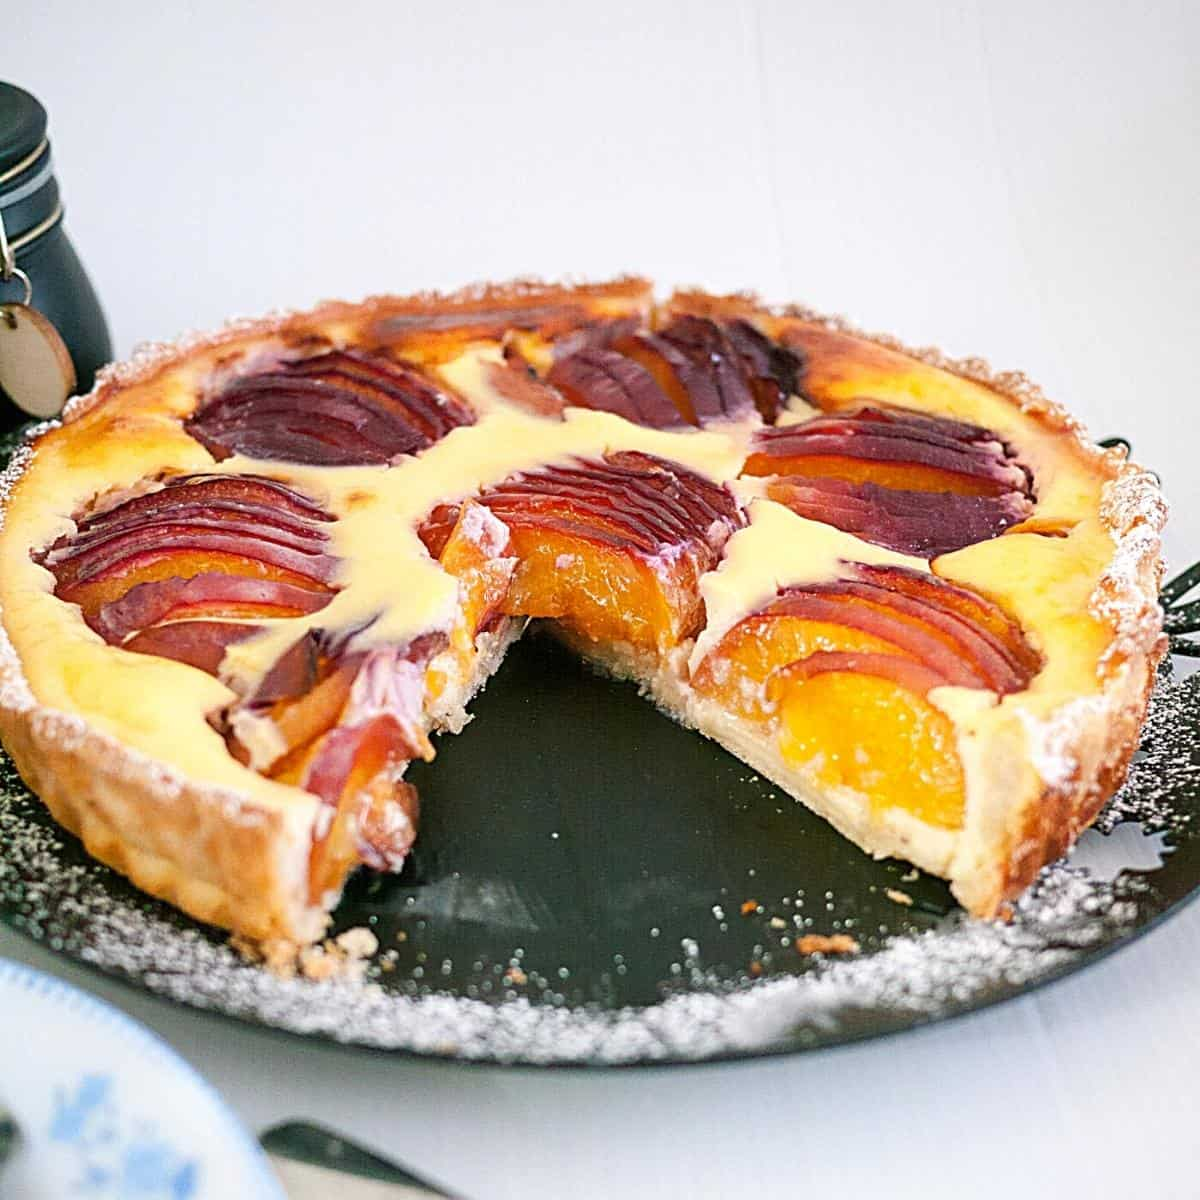 A sliced nectarine tart on a plate.